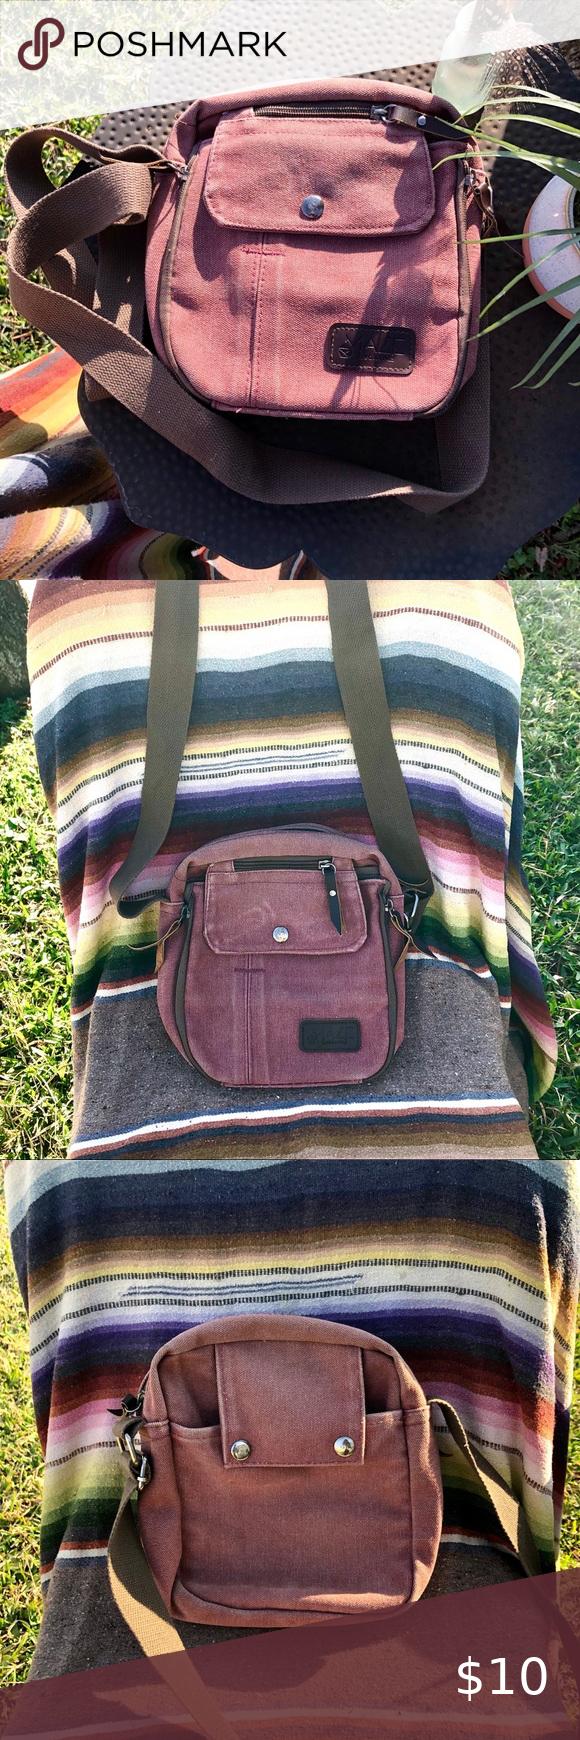 MAZE Canvas Crossbody Boho Traveler Bag My go-to bag for international travel! I...  MAZE Canvas Crossbody Boho Traveler Bag My go-to bag for international travel! I have 3 and I'm m #Bag #Boho #Canvas #Crossbody #goto #International #Maze #Travel #Traveler